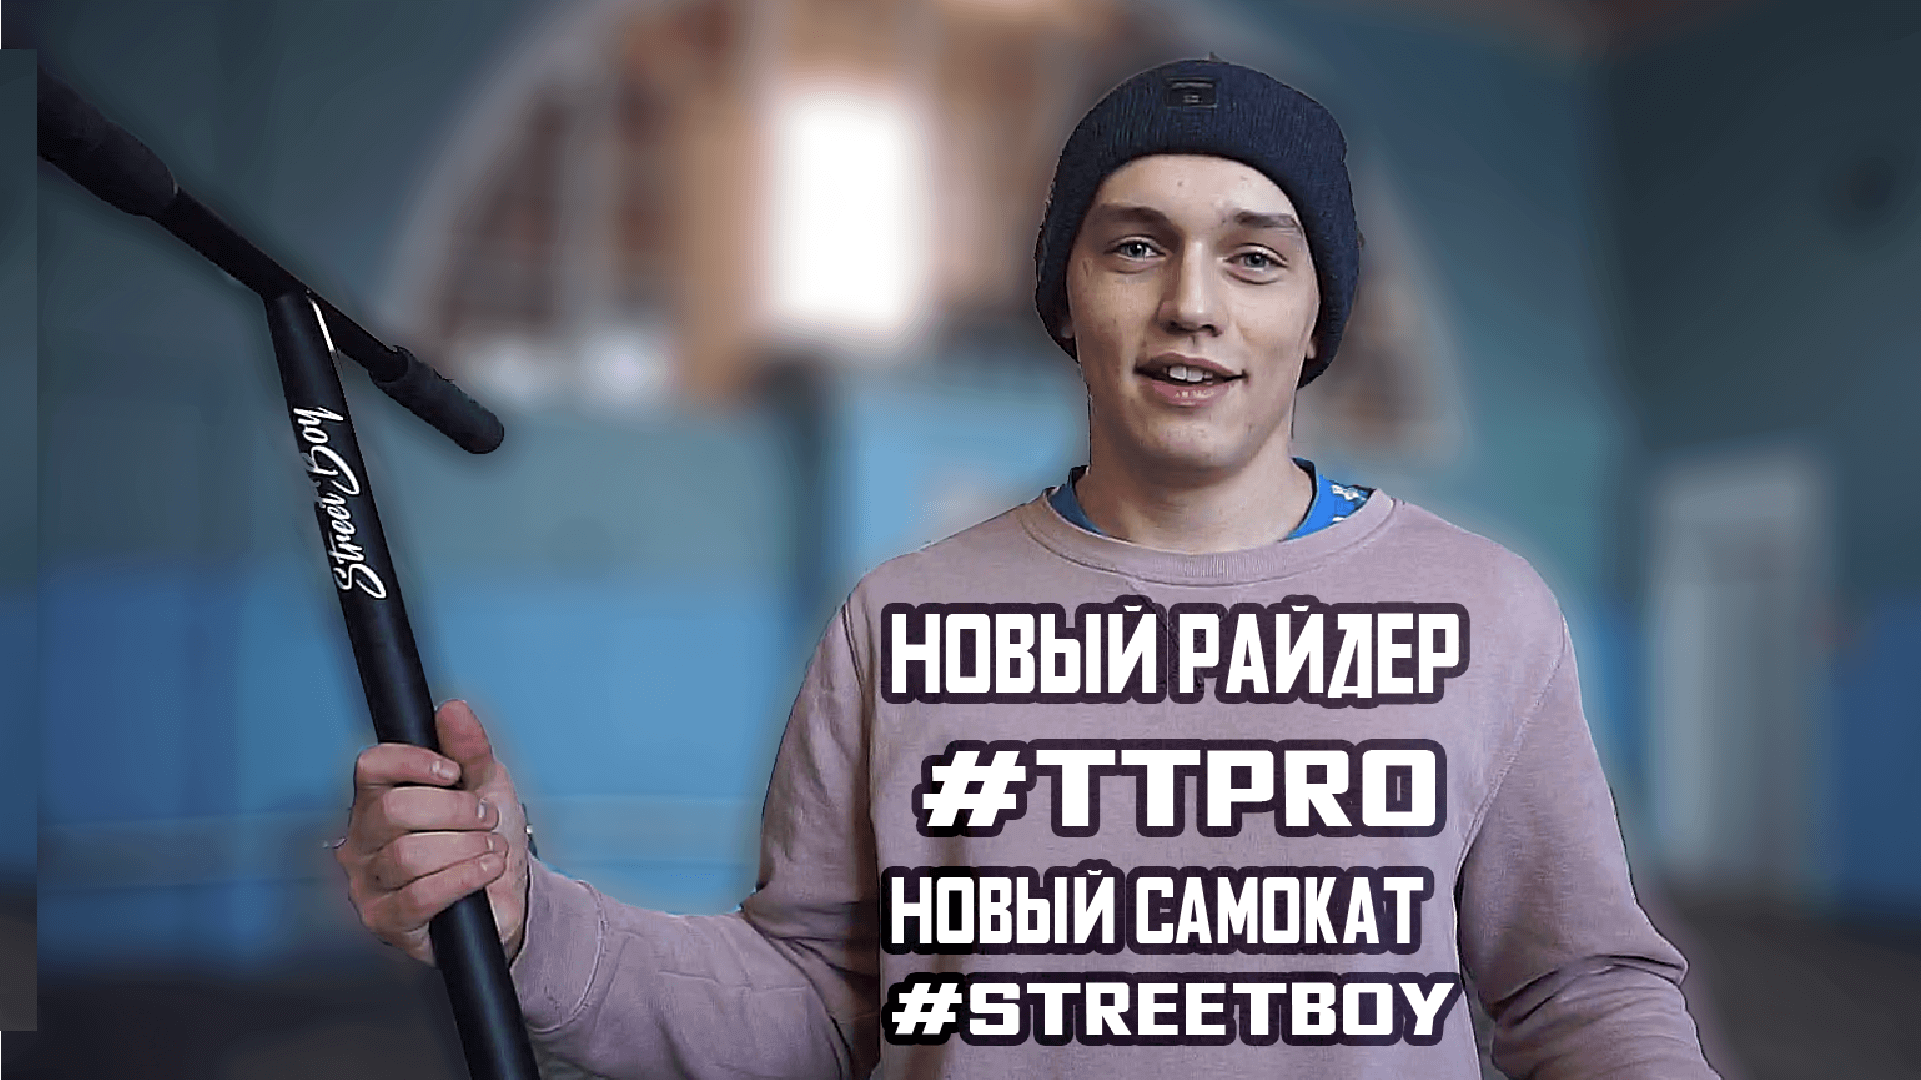 PRO обзор: трюковой самокат Street Boy 2019